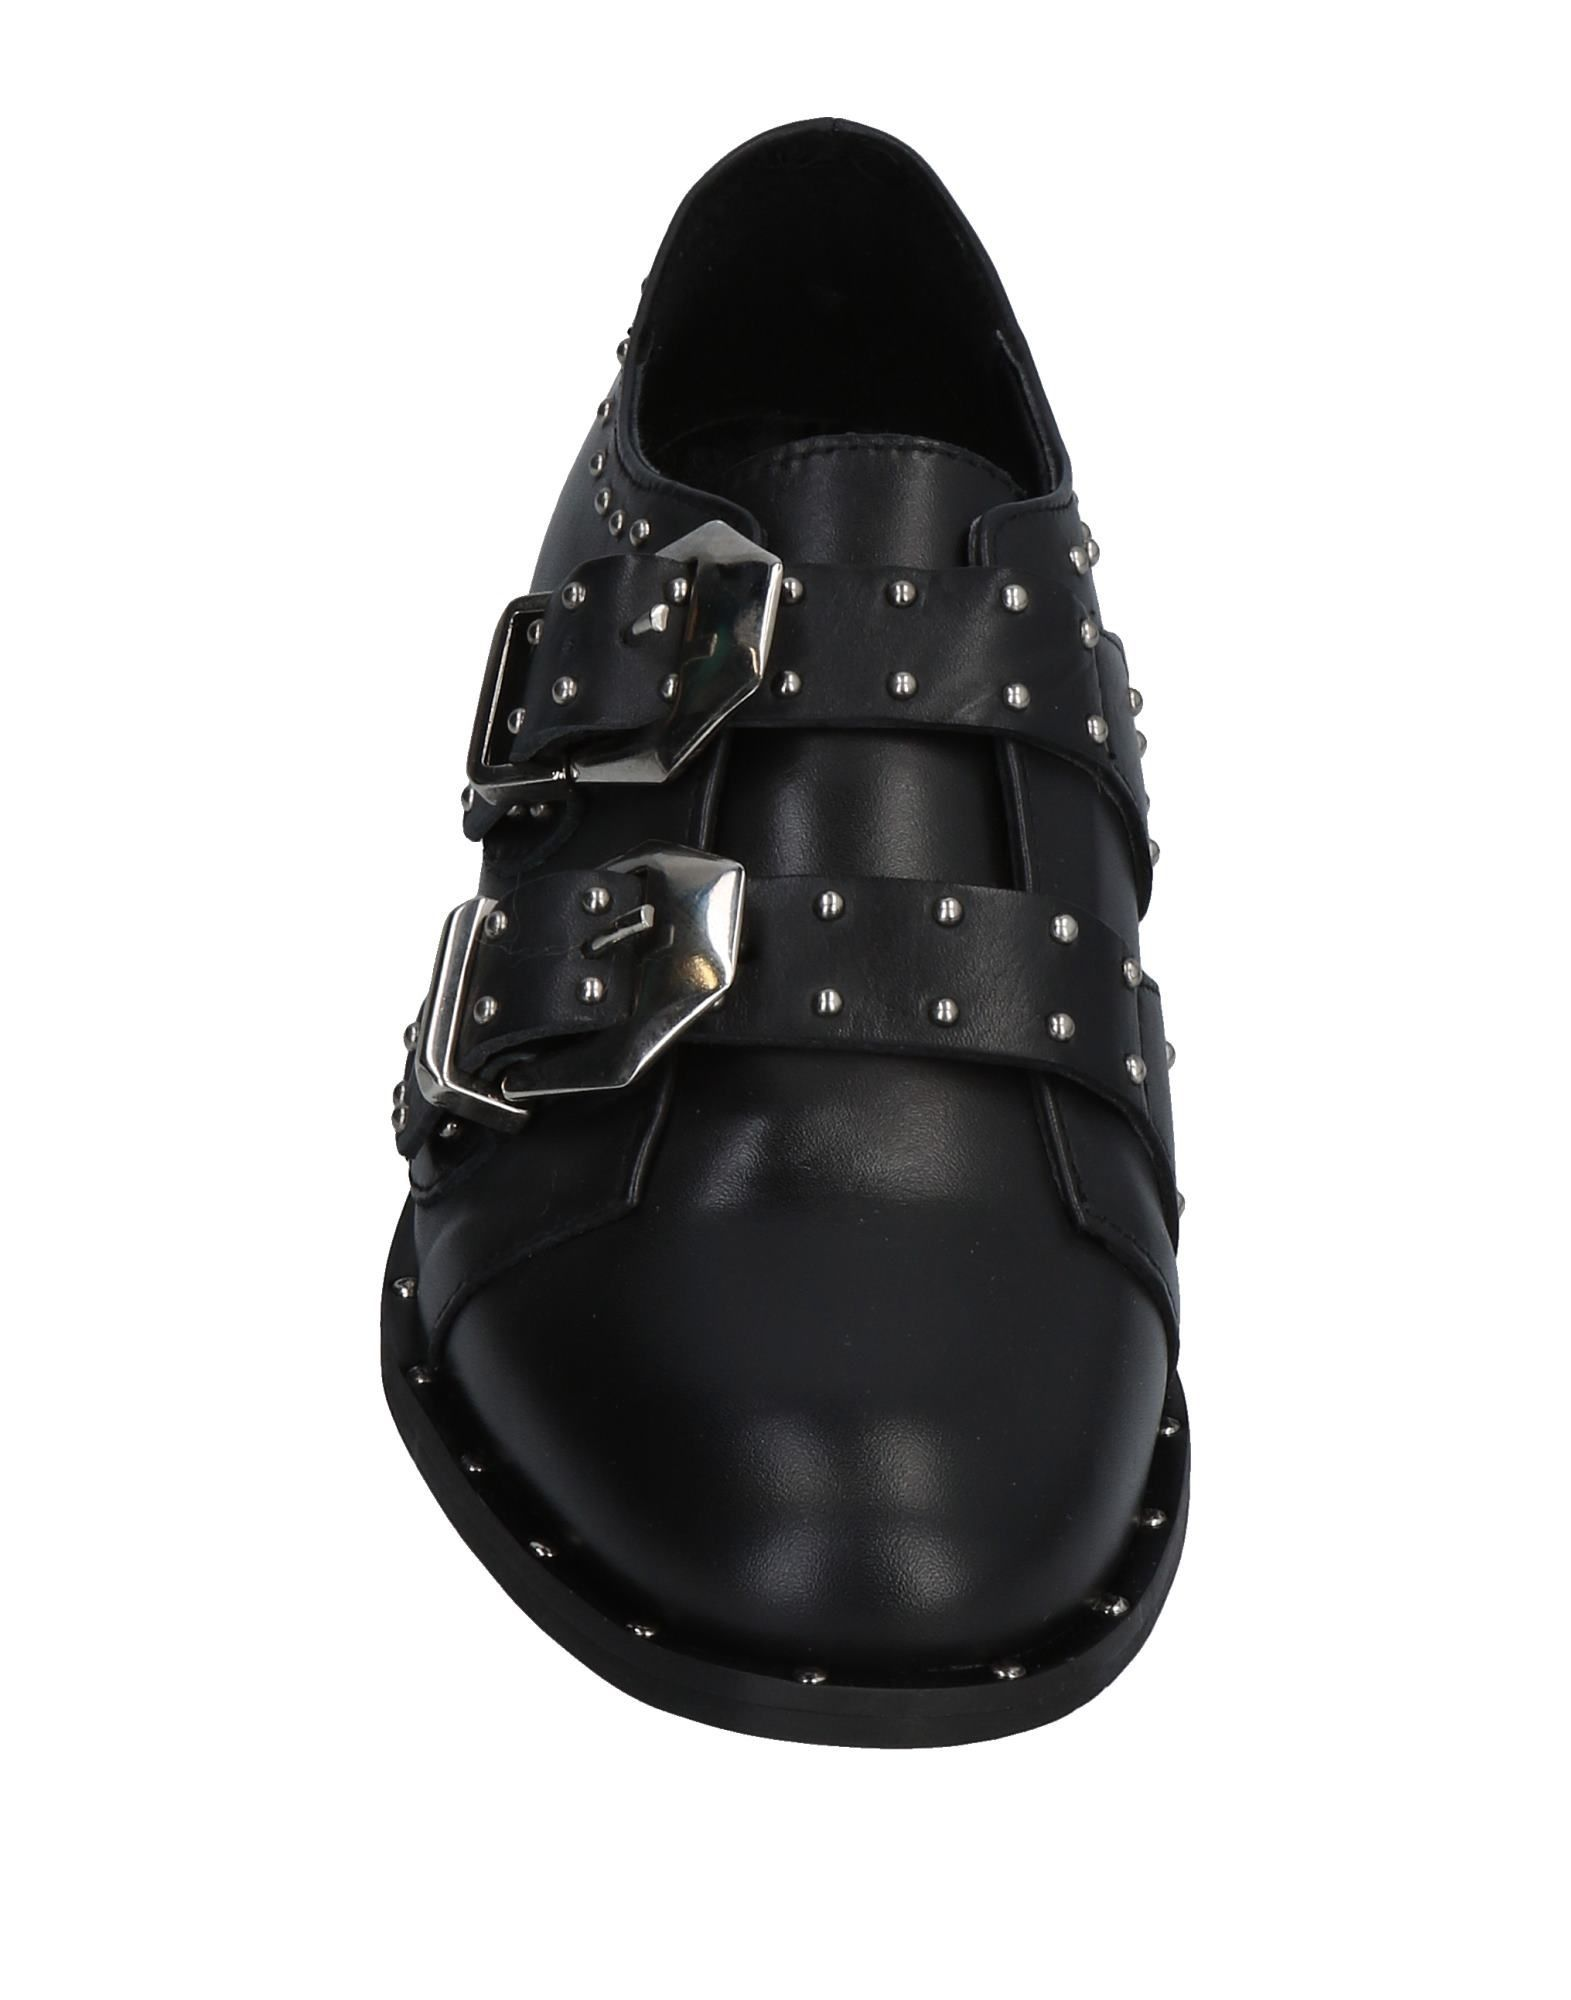 Footwear Unlace Black Women's Calf